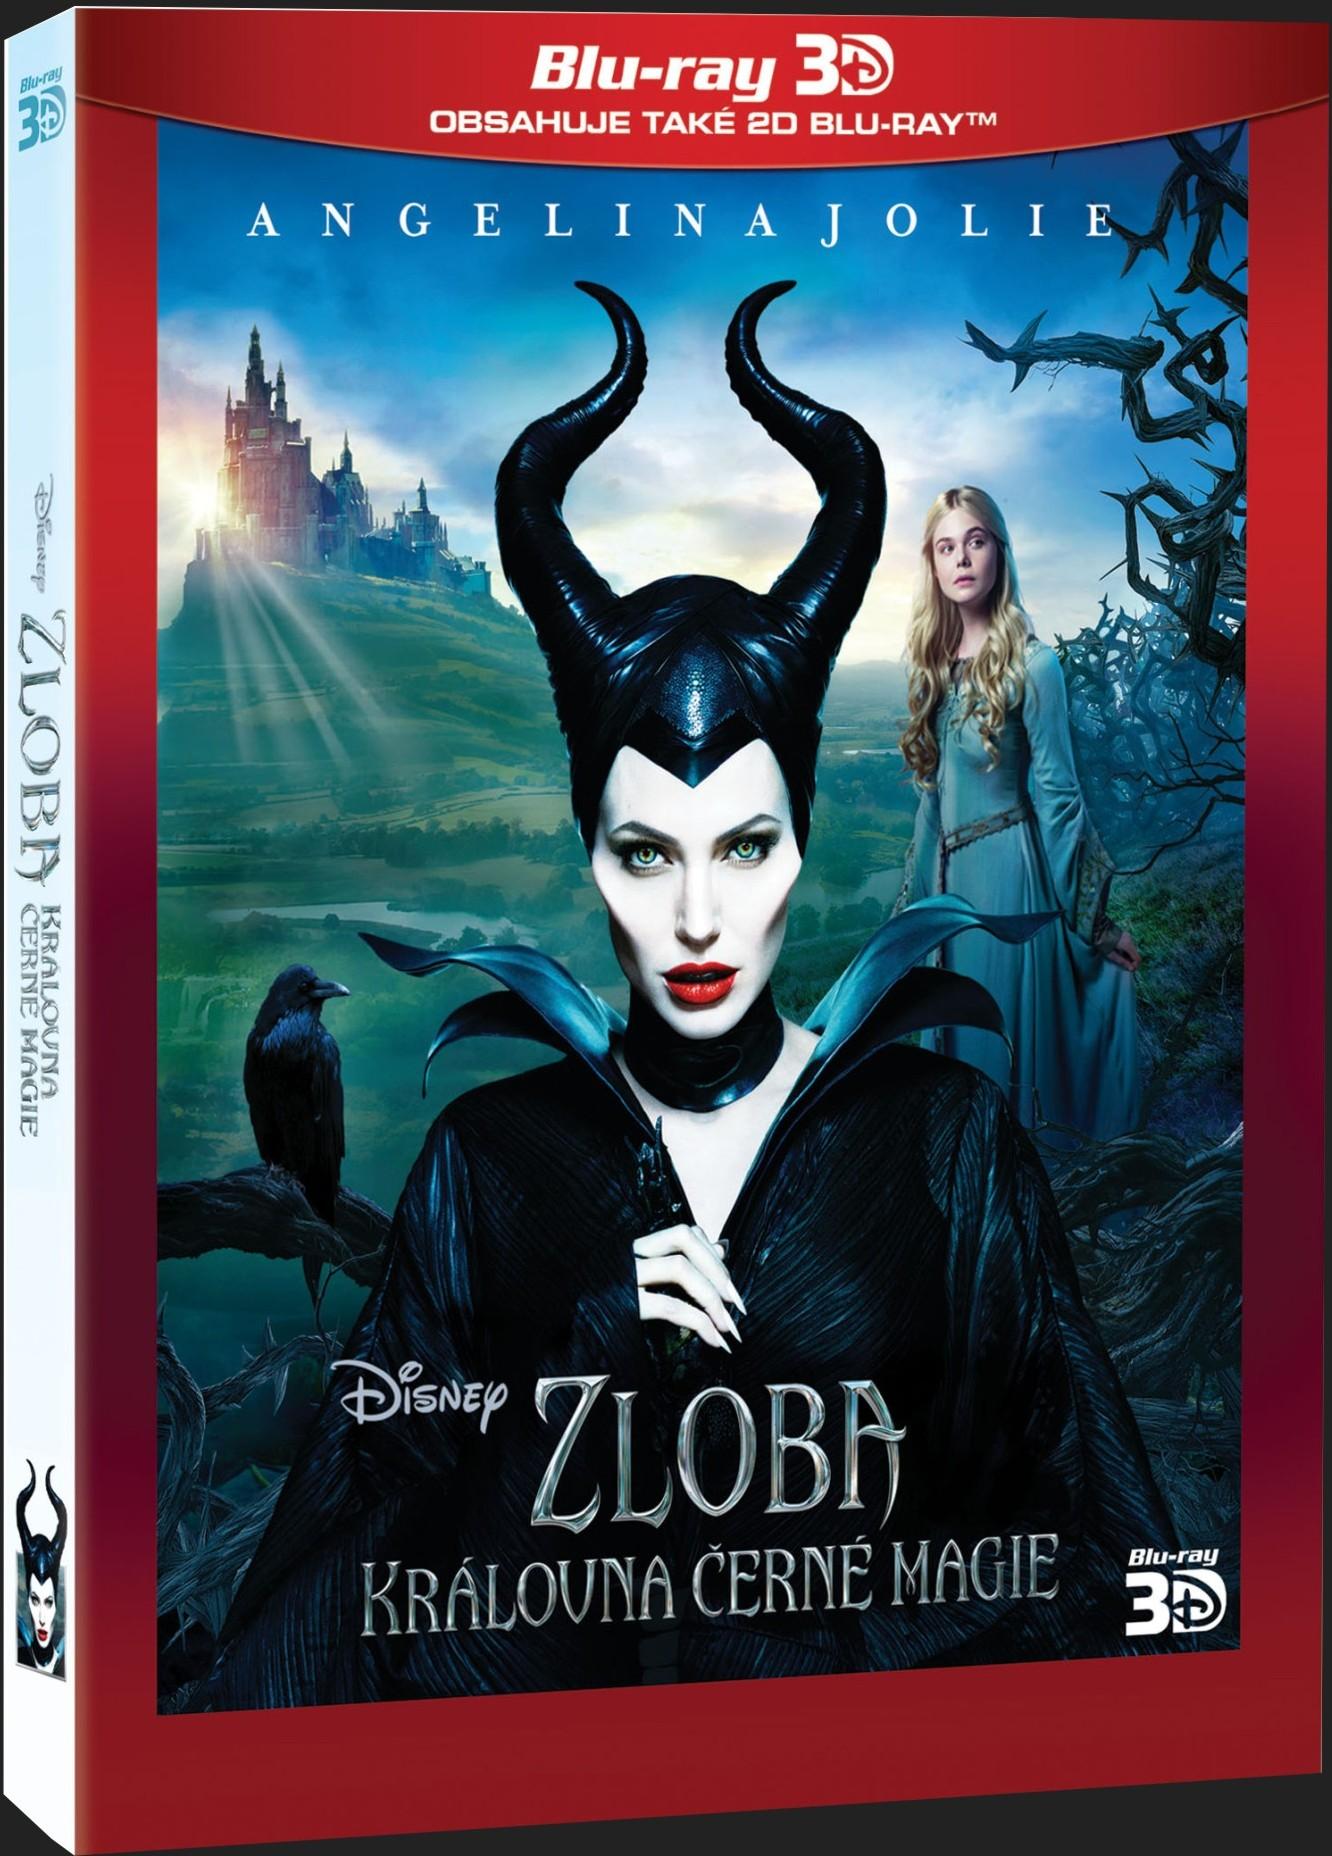 ZLOBA - KRÁLOVNA ČERNÉ MAGIE (Maleficent) - Blu-ray 3D + 2D